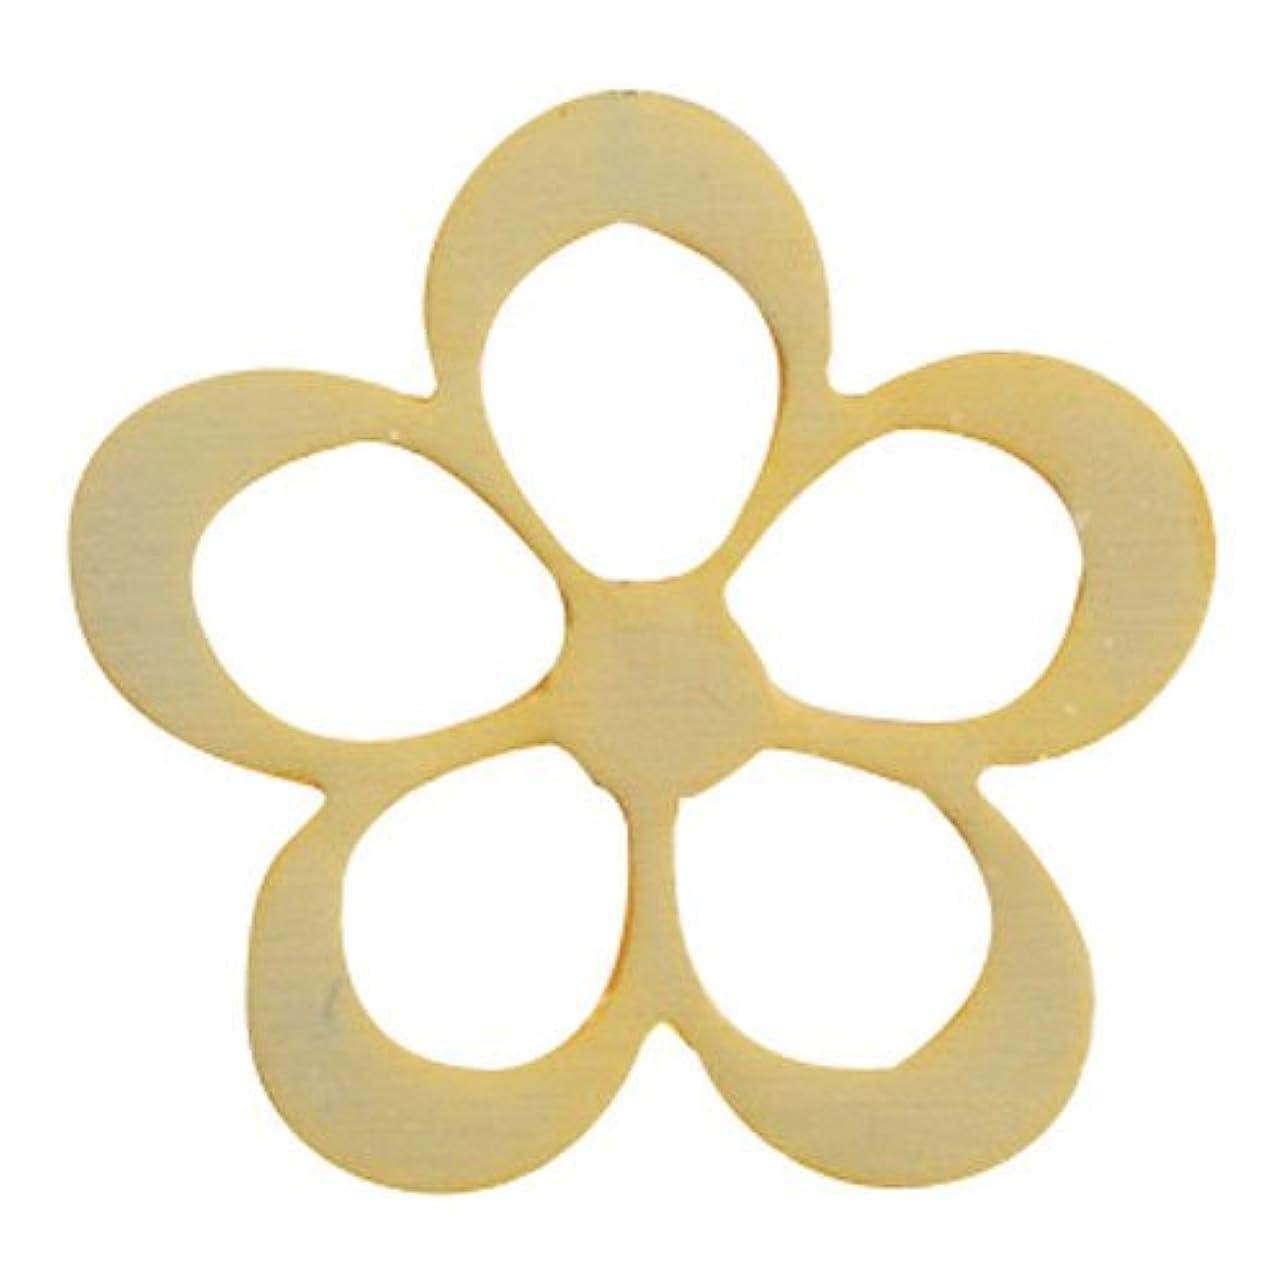 ファンネルウェブスパイダー深さ汚染されたリトルプリティー ネイルアートパーツ シャイニーフラワー L ゴールド 10個